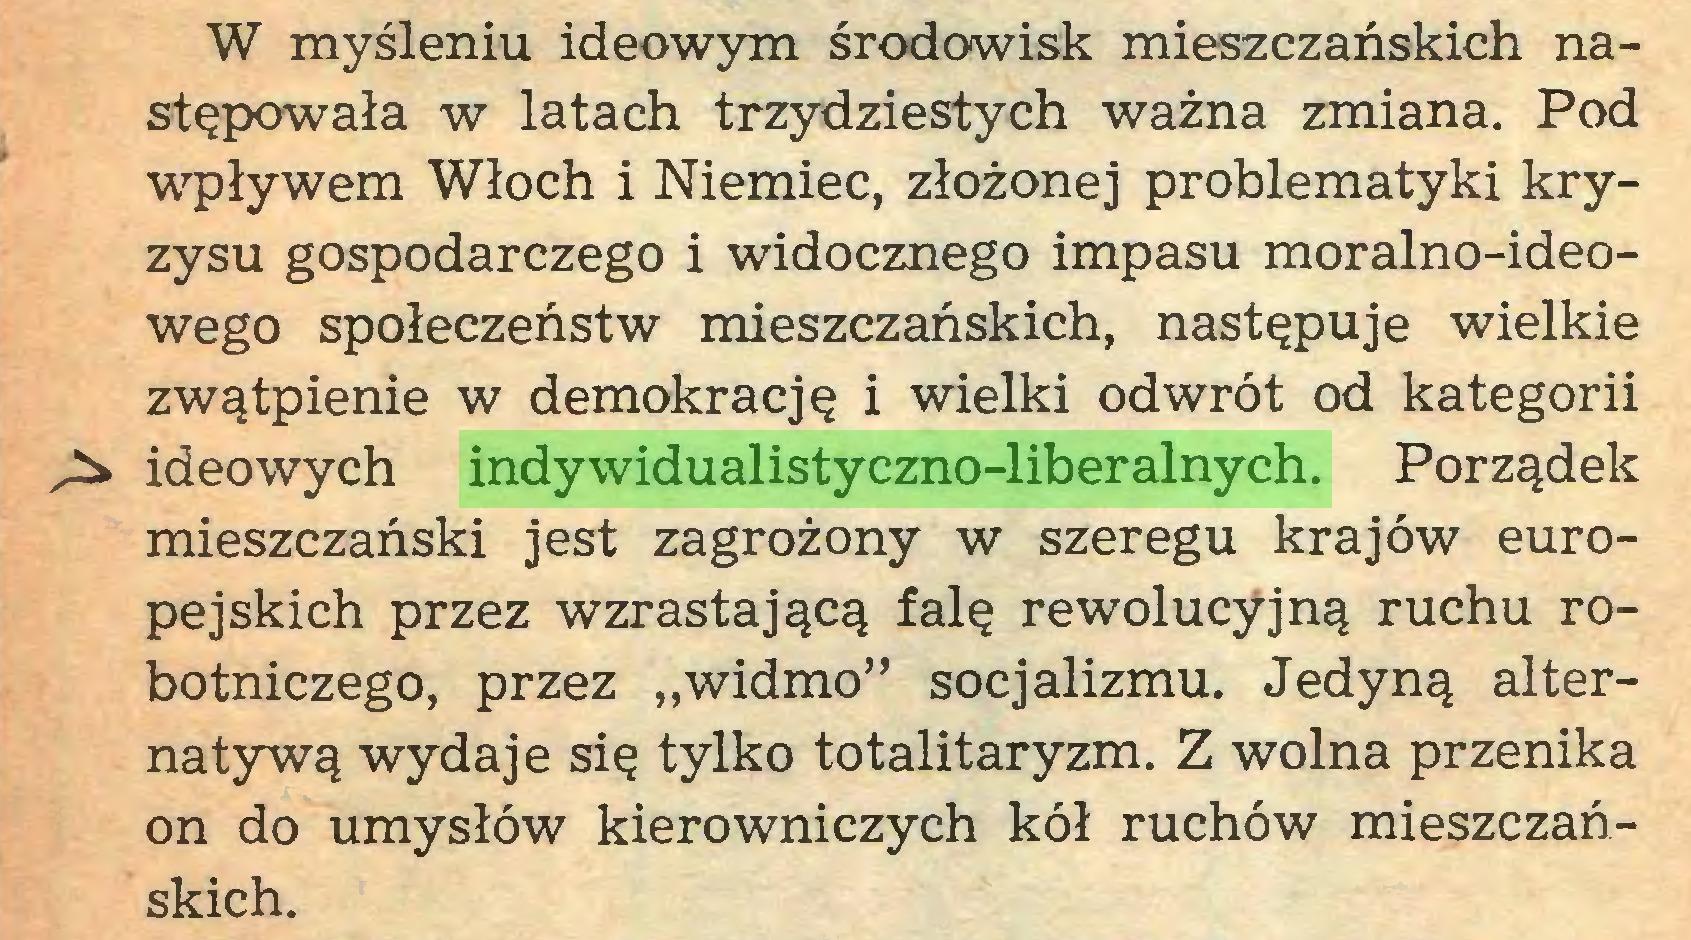 """(...) W myśleniu ideowym środowisk mieszczańskich następowała w latach trzydziestych ważna zmiana. Pod wpływem Włoch i Niemiec, złożonej problematyki kryzysu gospodarczego i widocznego impasu moralno-ideowego społeczeństw mieszczańskich, następuje wielkie zwątpienie w demokrację i wielki odwrót od kategorii ^ ideowych indywidualistyczno-liberalnych. Porządek mieszczański jest zagrożony w szeregu krajów europejskich przez wzrastającą falę rewolucyjną ruchu robotniczego, przez """"widmo"""" socjalizmu. Jedyną alternatywą wydaje się tylko totalitaryzm. Z wolna przenika on do umysłów kierowniczych kół ruchów mieszczańskich..."""